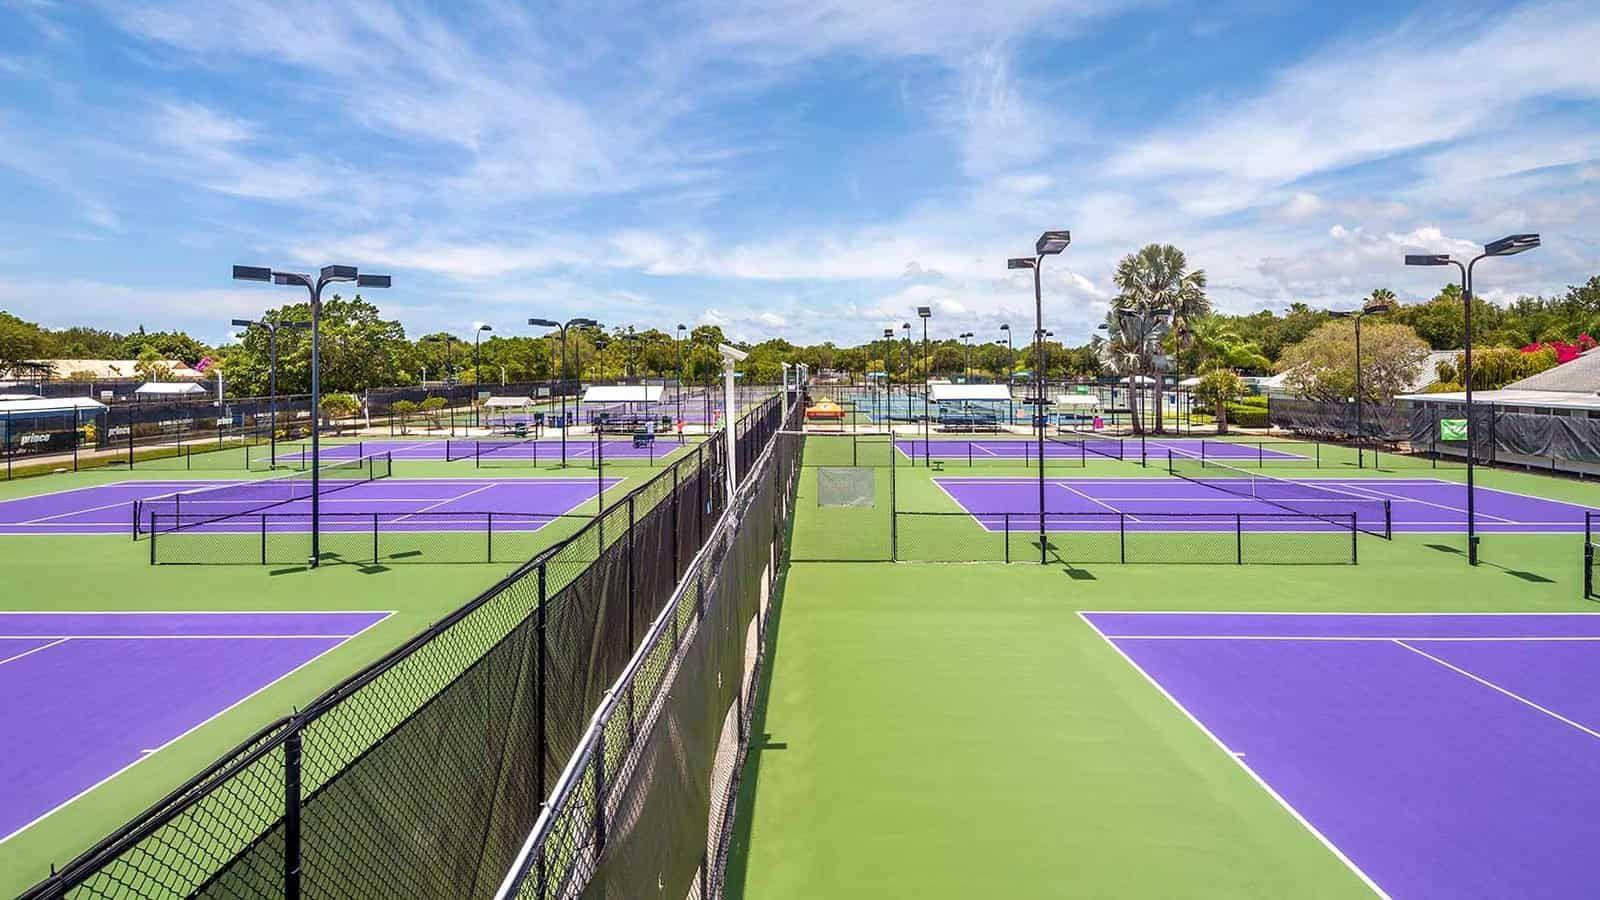 inizieranno domenica 9 giugno, presso la IMG Academy di Badenton, le finali mondiali del Discovery Open, il circuito di tennis giovanile creato dallo storico coach Nick Bollettieri.